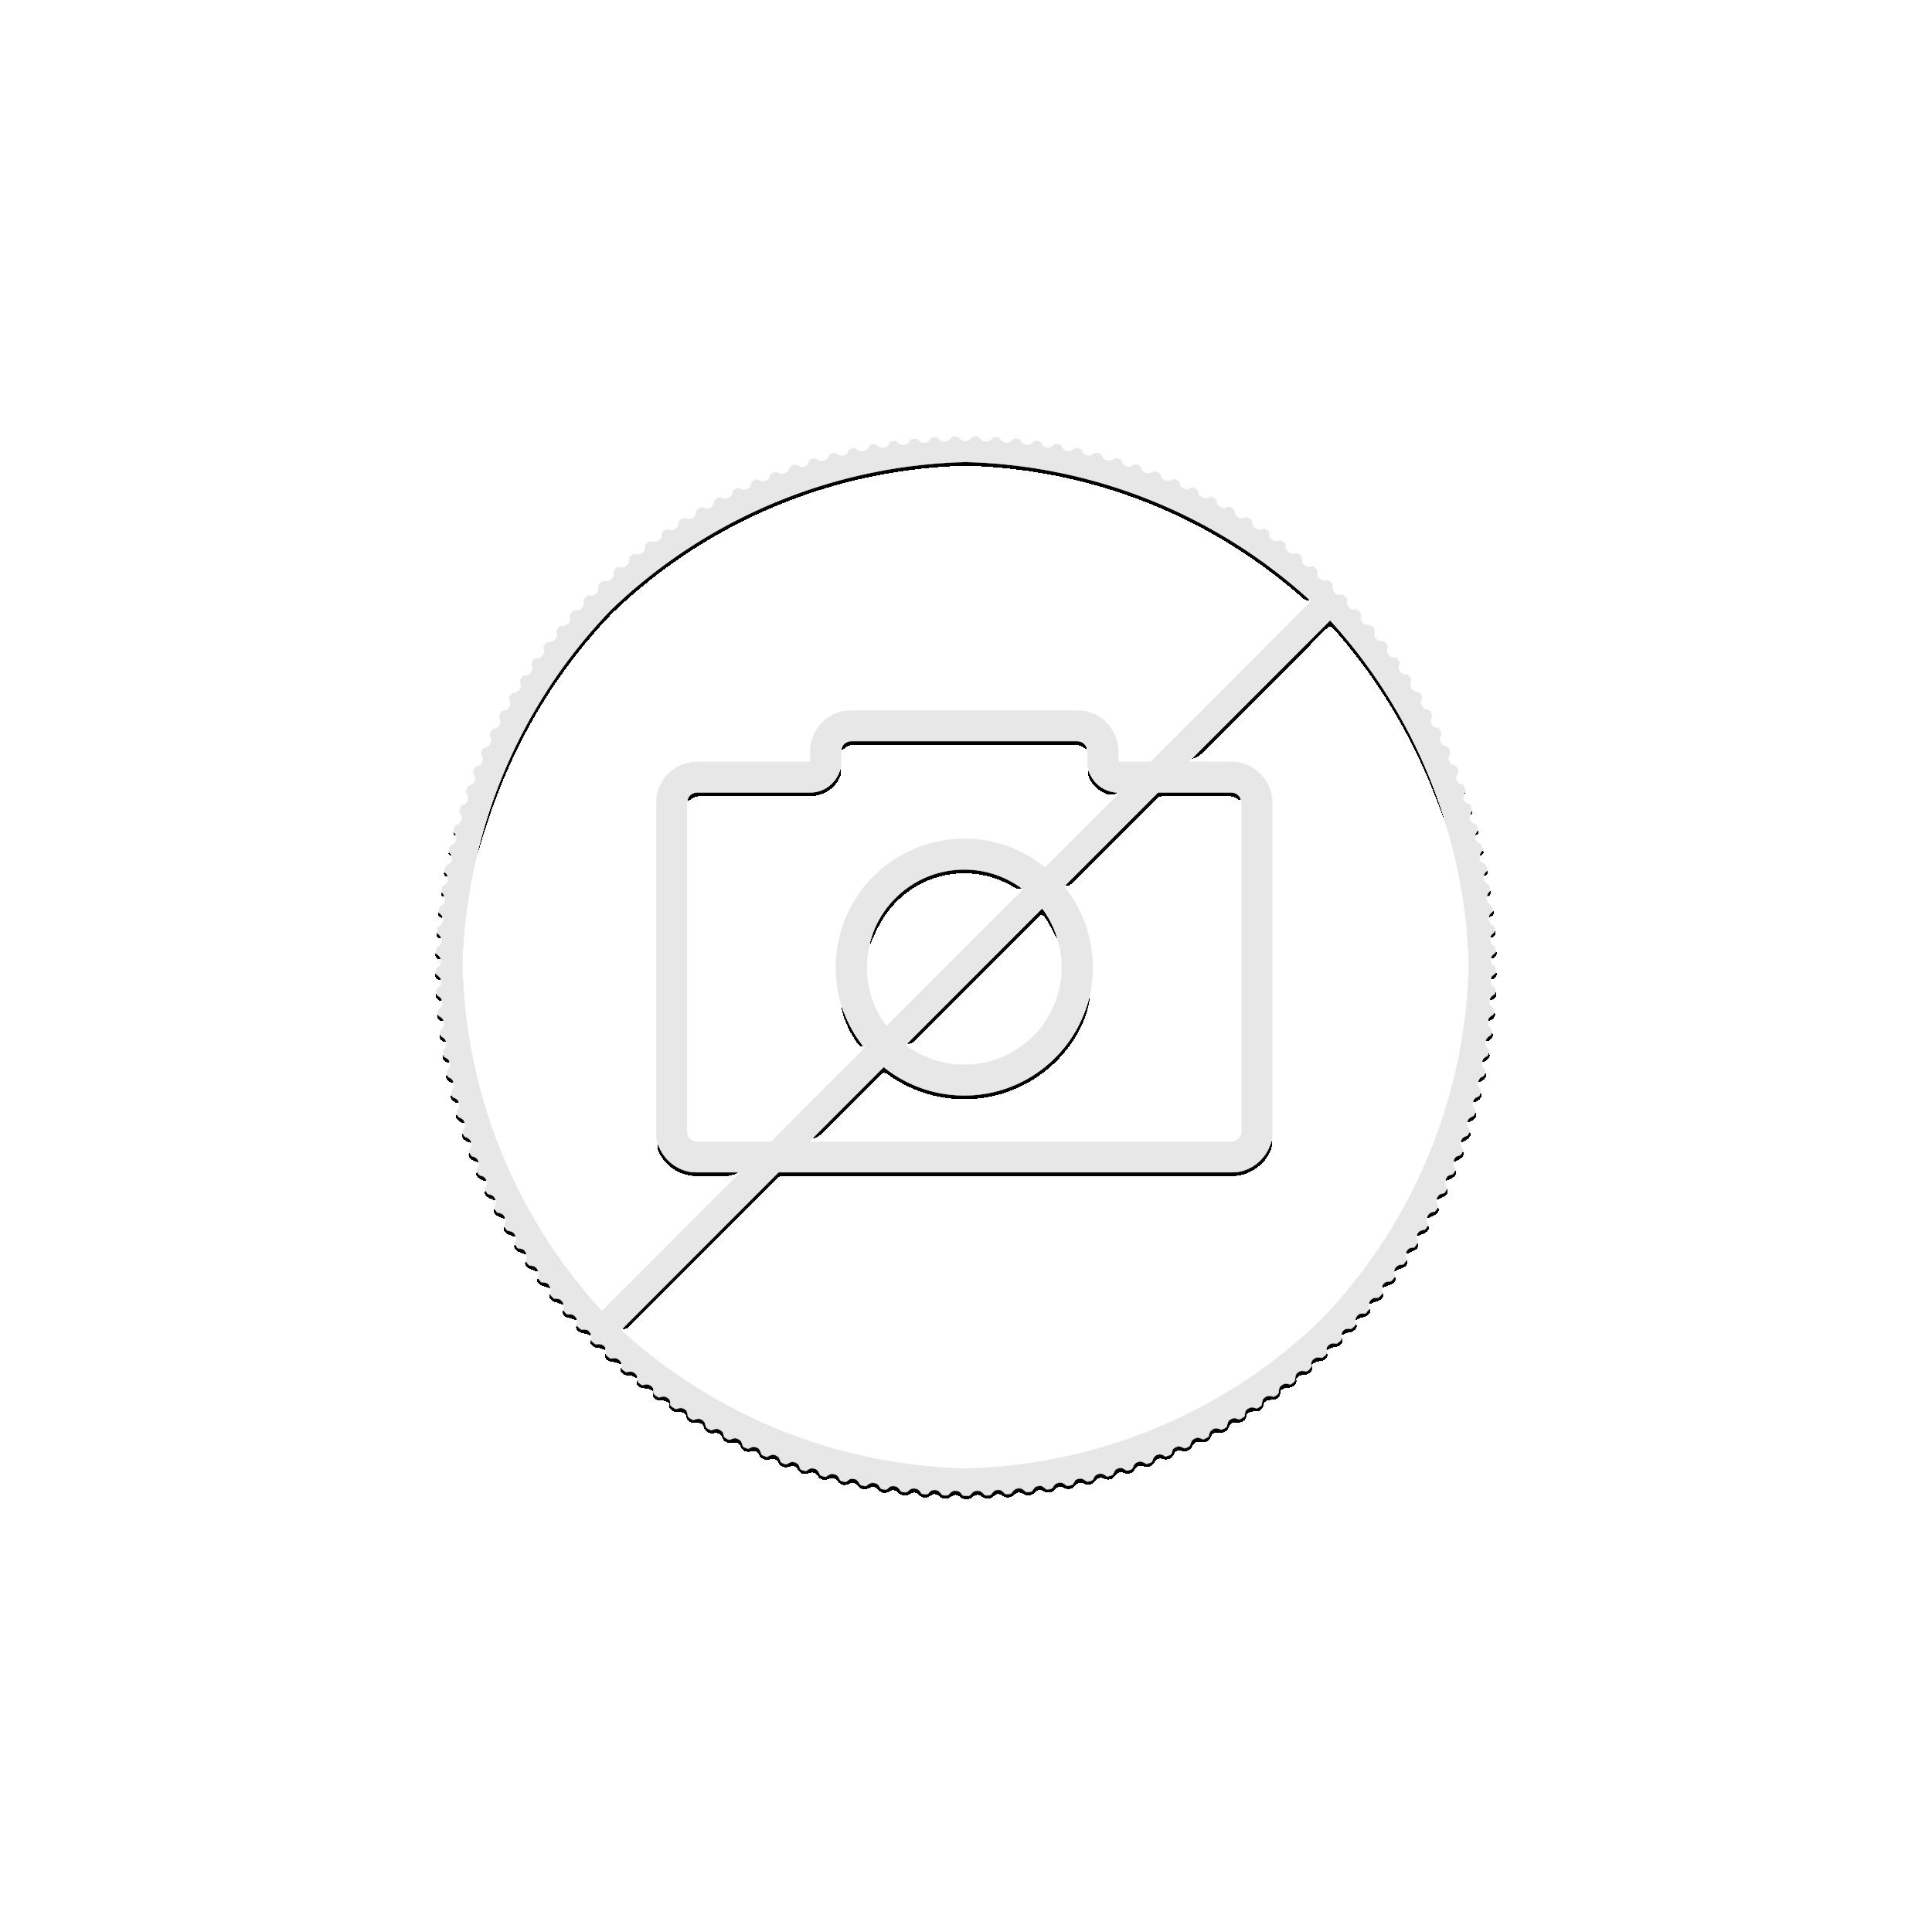 1 troy ounce platinum Maple Leaf coin 2021